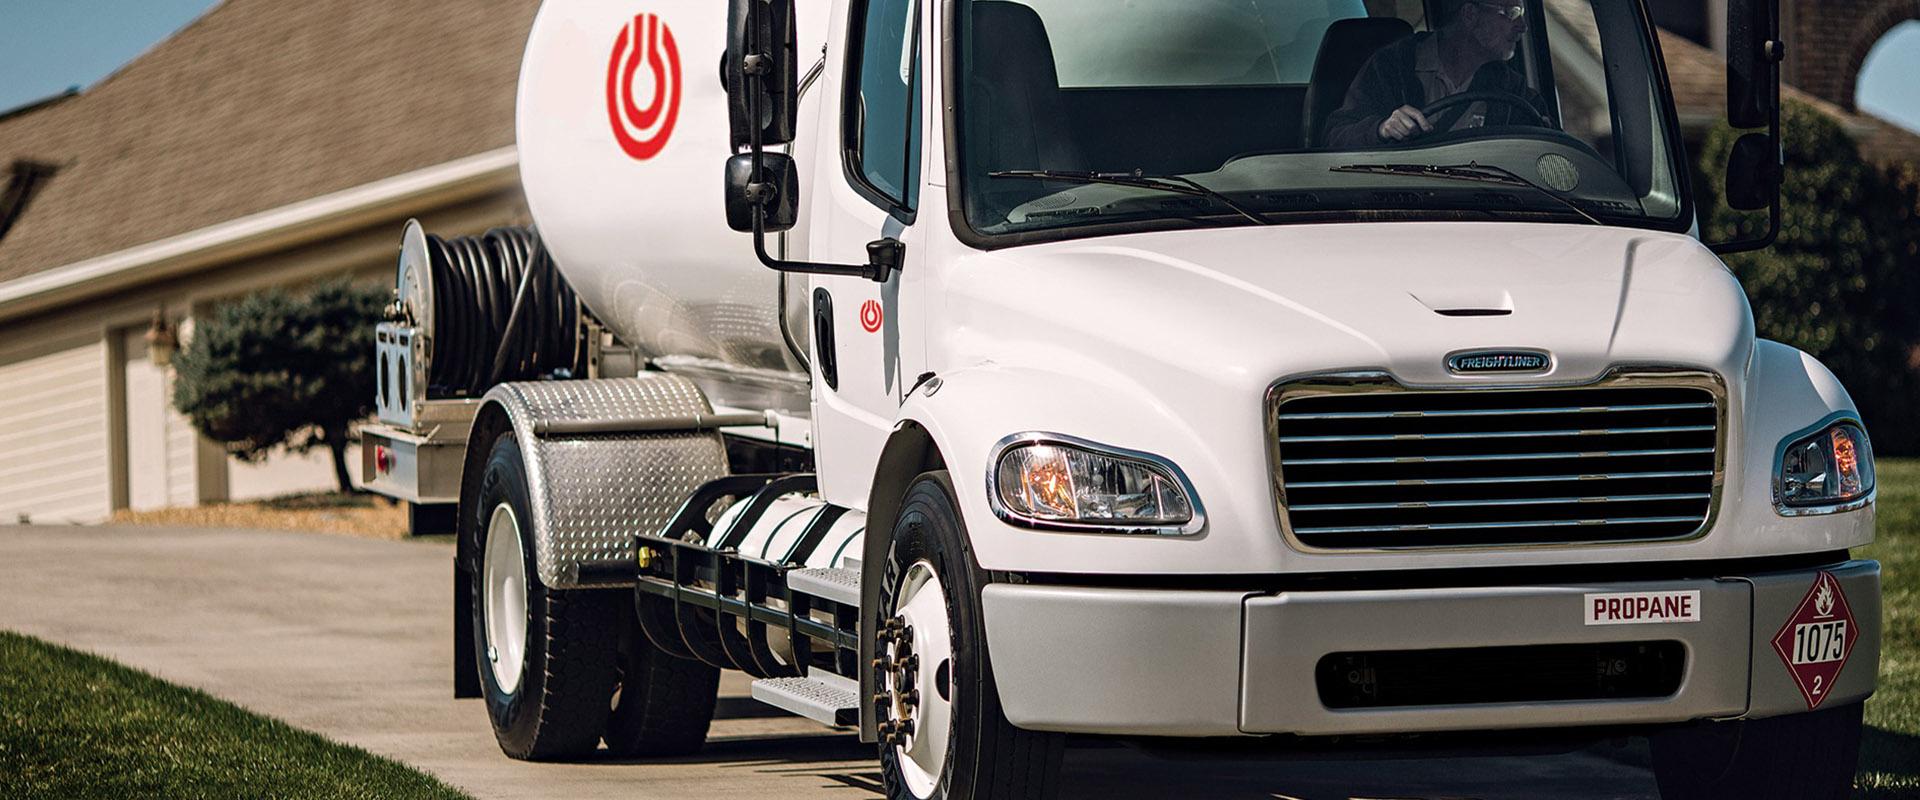 Camion de livraison de gaz propane